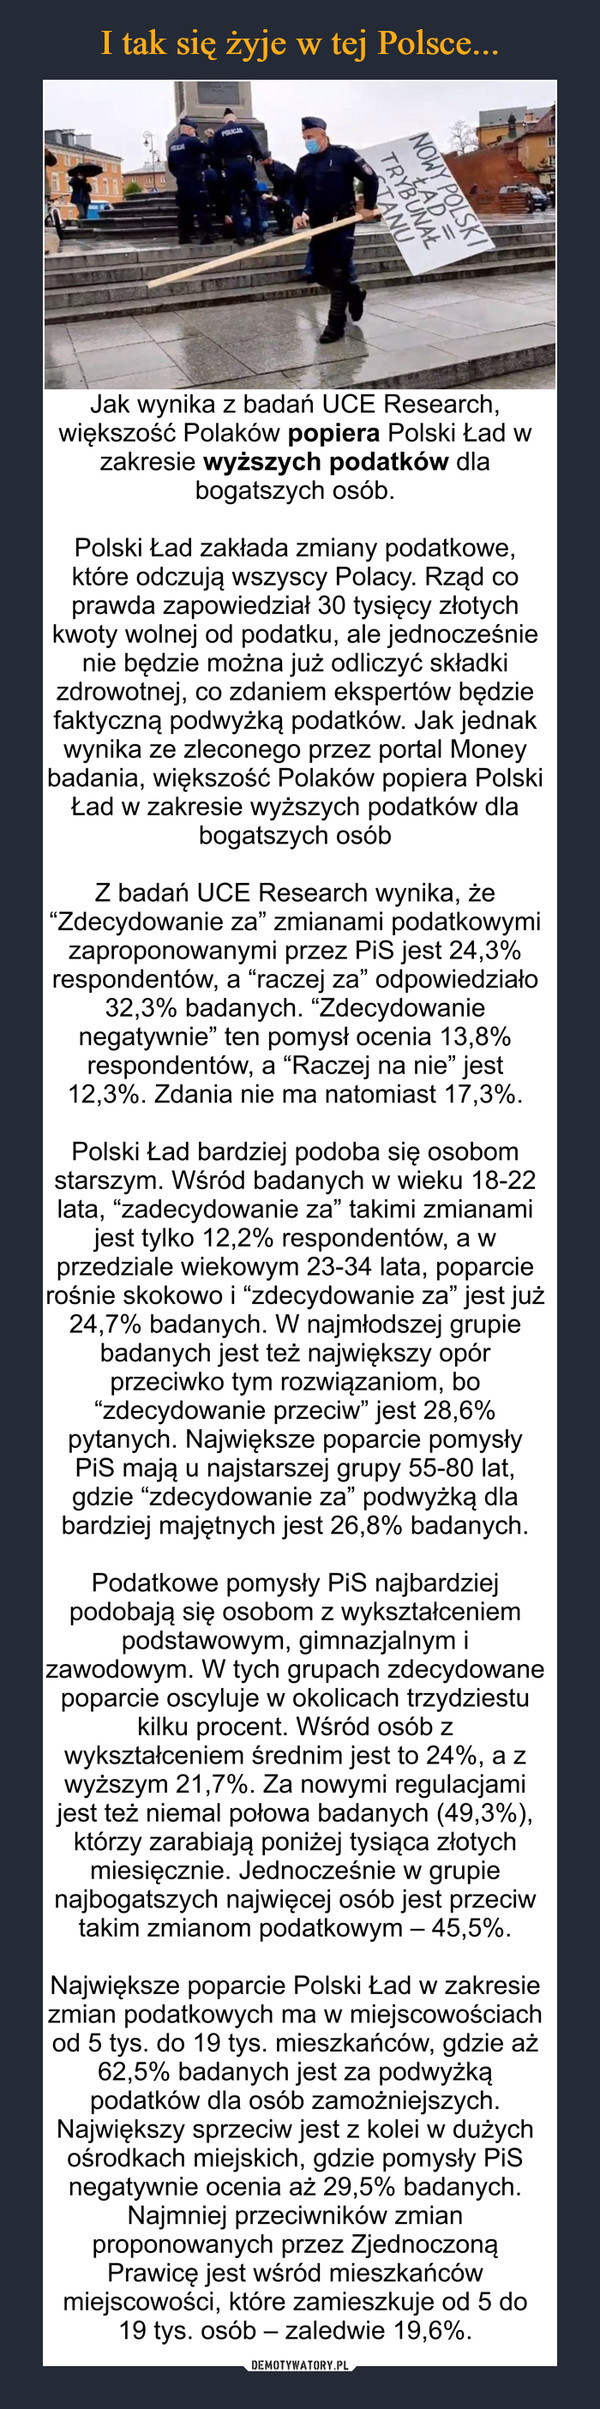 """–  Jak wynika z badań UCE Research, większość Polaków popiera Polski Ład w zakresie wyższych podatków dla bogatszych osób.Polski Ład zakłada zmiany podatkowe, które odczują wszyscy Polacy. Rząd co prawda zapowiedział 30 tysięcy złotych kwoty wolnej od podatku, ale jednocześnie nie będzie można już odliczyć składki zdrowotnej, co zdaniem ekspertów będzie faktyczną podwyżką podatków. Jak jednak wynika ze zleconego przez portal Money badania, większość Polaków popiera Polski Ład w zakresie wyższych podatków dla bogatszych osóbZ badań UCE Research wynika, że """"Zdecydowanie za"""" zmianami podatkowymi zaproponowanymi przez PiS jest 24,3% respondentów, a """"raczej za"""" odpowiedziało 32,3% badanych. """"Zdecydowanie negatywnie"""" ten pomysł ocenia 13,8% respondentów, a """"Raczej na nie"""" jest 12,3%. Zdania nie ma natomiast 17,3%.Polski Ład bardziej podoba się osobom starszym. Wśród badanych w wieku 18-22 lata, """"zadecydowanie za"""" takimi zmianami jest tylko 12,2% respondentów, a w przedziale wiekowym 23-34 lata, poparcie rośnie skokowo i """"zdecydowanie za"""" jest już 24,7% badanych. W najmłodszej grupie badanych jest też największy opór przeciwko tym rozwiązaniom, bo """"zdecydowanie przeciw"""" jest 28,6% pytanych. Największe poparcie pomysły PiS mają u najstarszej grupy 55-80 lat, gdzie """"zdecydowanie za"""" podwyżką dla bardziej majętnych jest 26,8% badanych.Podatkowe pomysły PiS najbardziej podobają się osobom z wykształceniem podstawowym, gimnazjalnym i zawodowym. W tych grupach zdecydowane poparcie oscyluje w okolicach trzydziestu kilku procent. Wśród osób z wykształceniem średnim jest to 24%, a z wyższym 21,7%. Za nowymi regulacjami jest też niemal połowa badanych (49,3%), którzy zarabiają poniżej tysiąca złotych miesięcznie. Jednocześnie w grupie najbogatszych najwięcej osób jest przeciw takim zmianom podatkowym – 45,5%.Największe poparcie Polski Ład w zakresie zmian podatkowych ma w miejscowościach od 5 tys. do 19 tys. mieszkańców, gdzie aż 62,5% badanych jest za podwyżką podatków dla osób zam"""